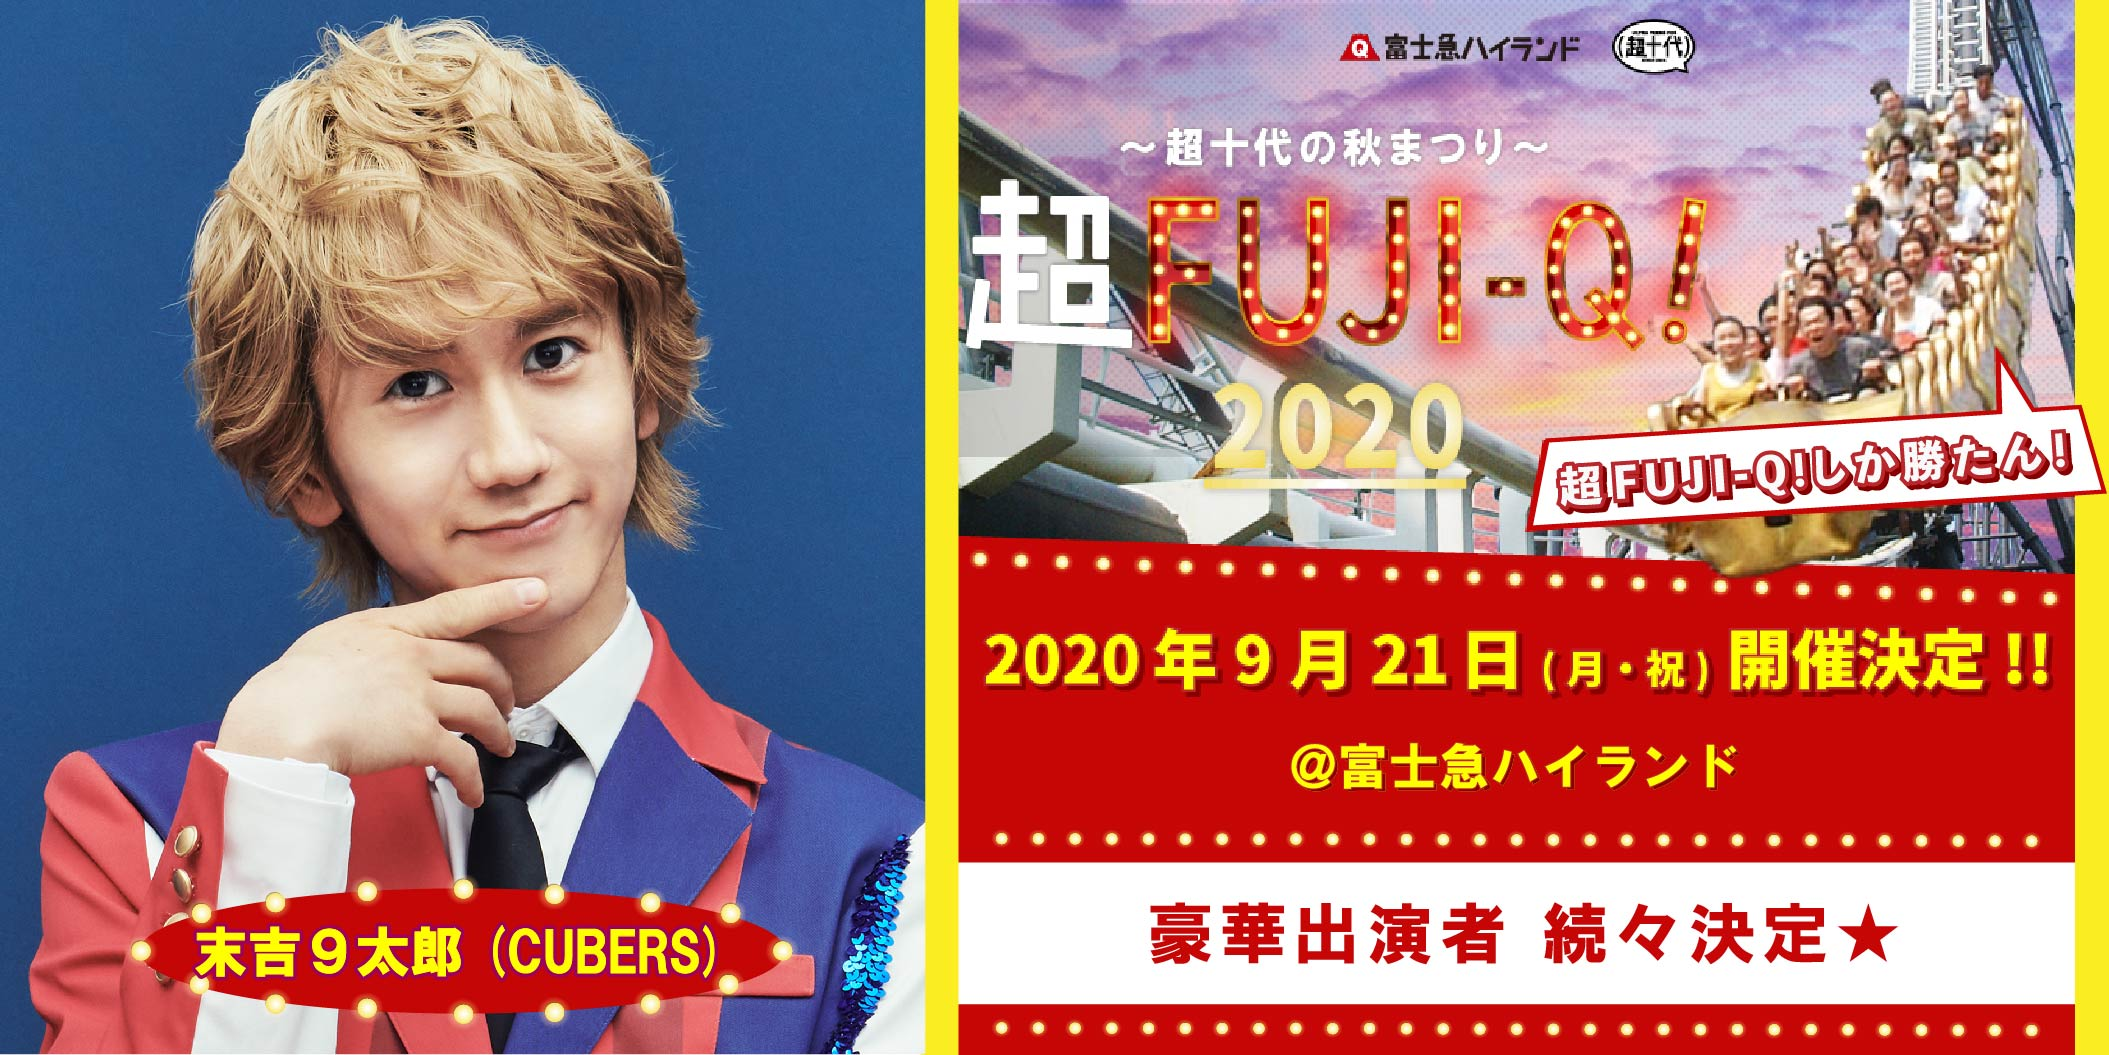 【NEWS】末吉9太郎が9/21開催「超FUJI-Q! 2020 ~超十代の秋まつり〜」に出演決定!